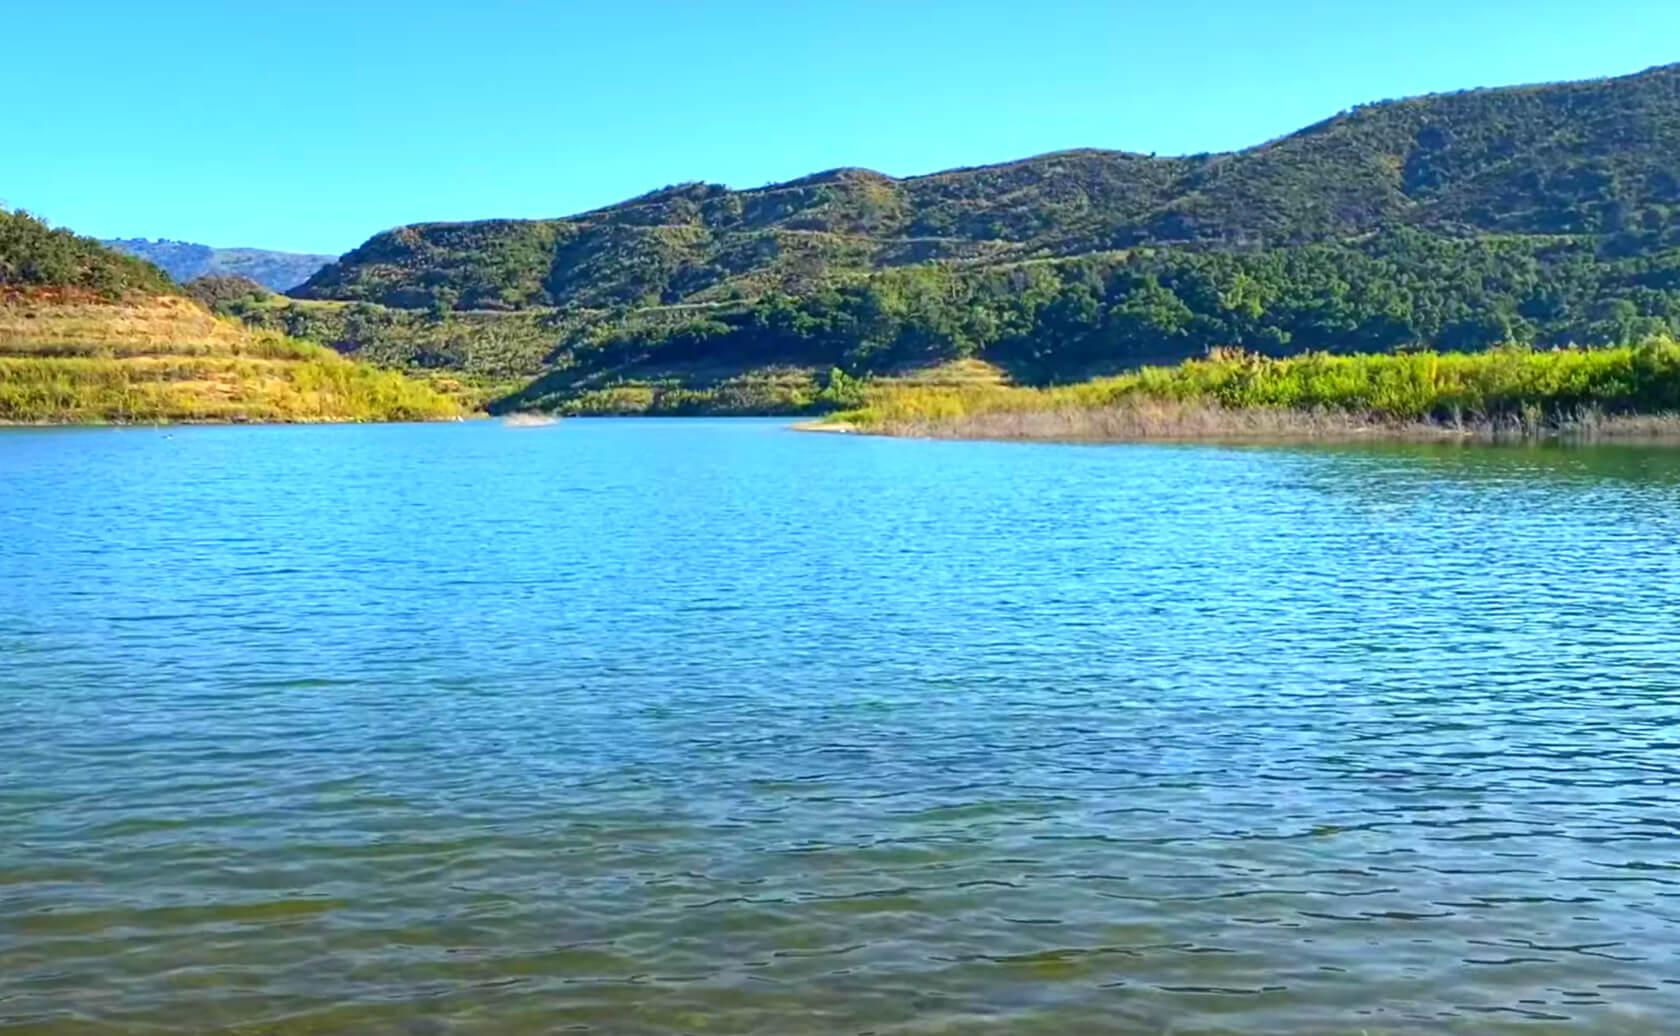 Casitas-Lake-Fishing-Guide-Report-California-05